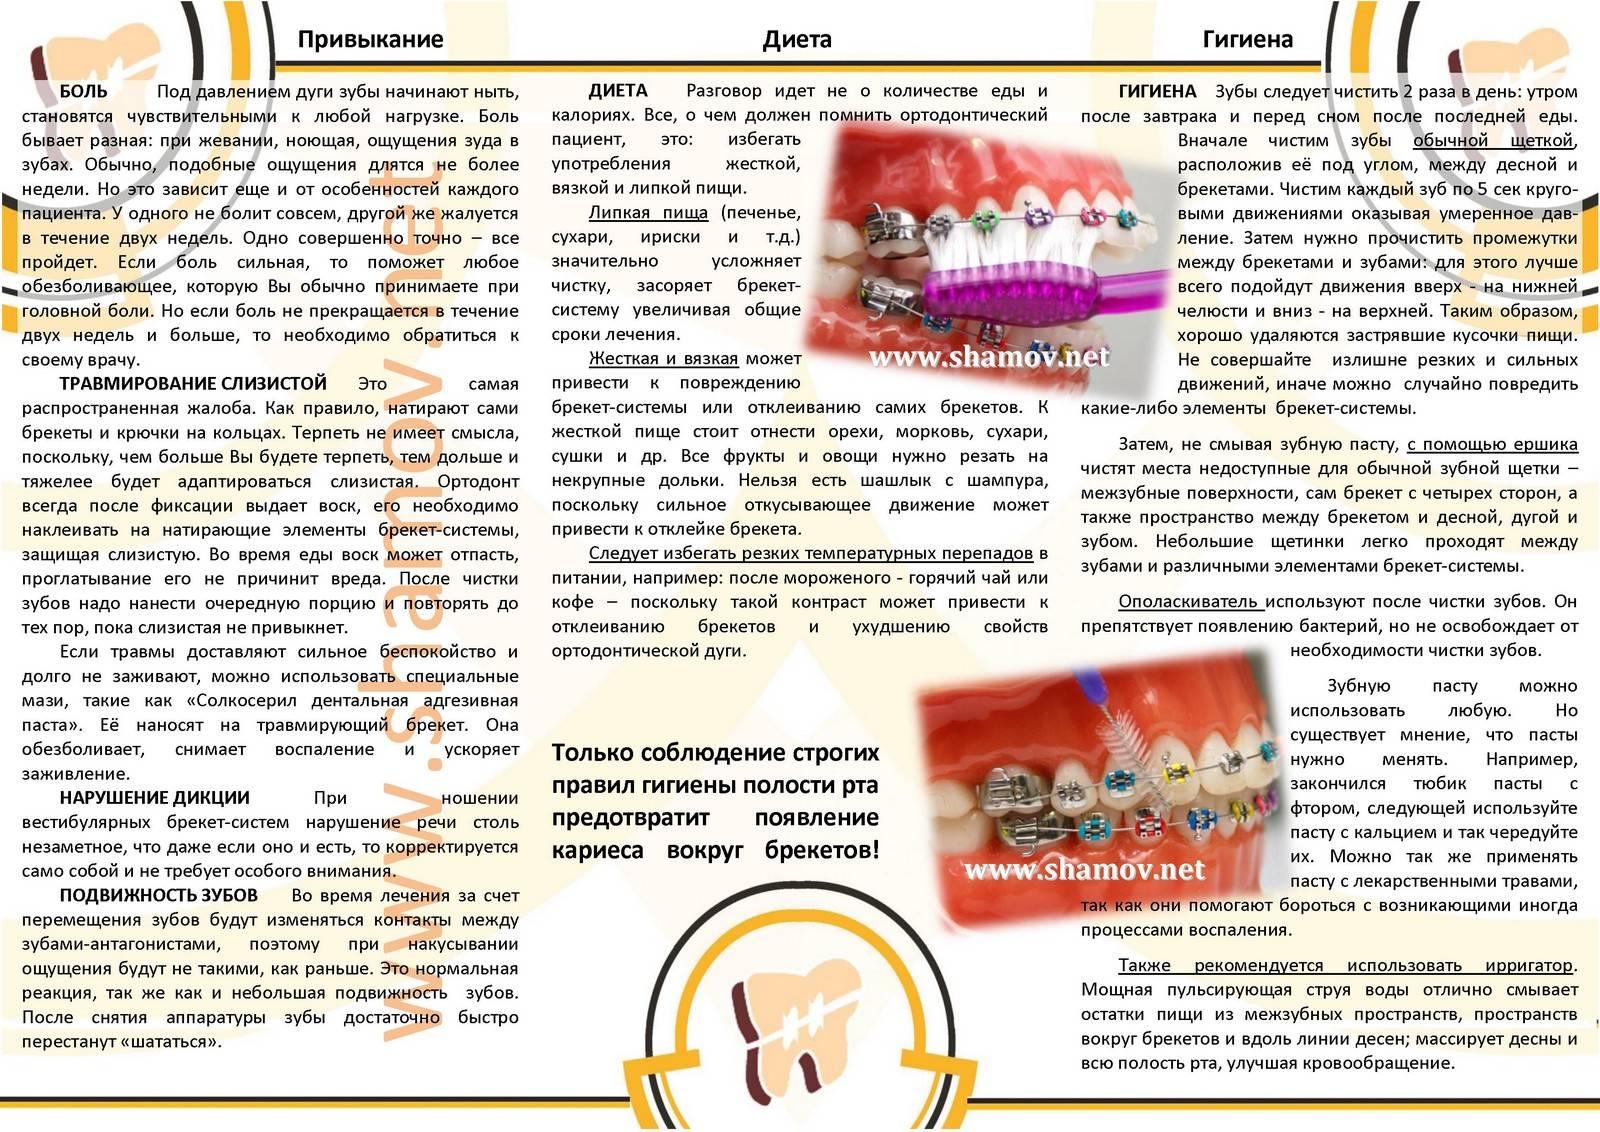 Как выбрать ортодонта